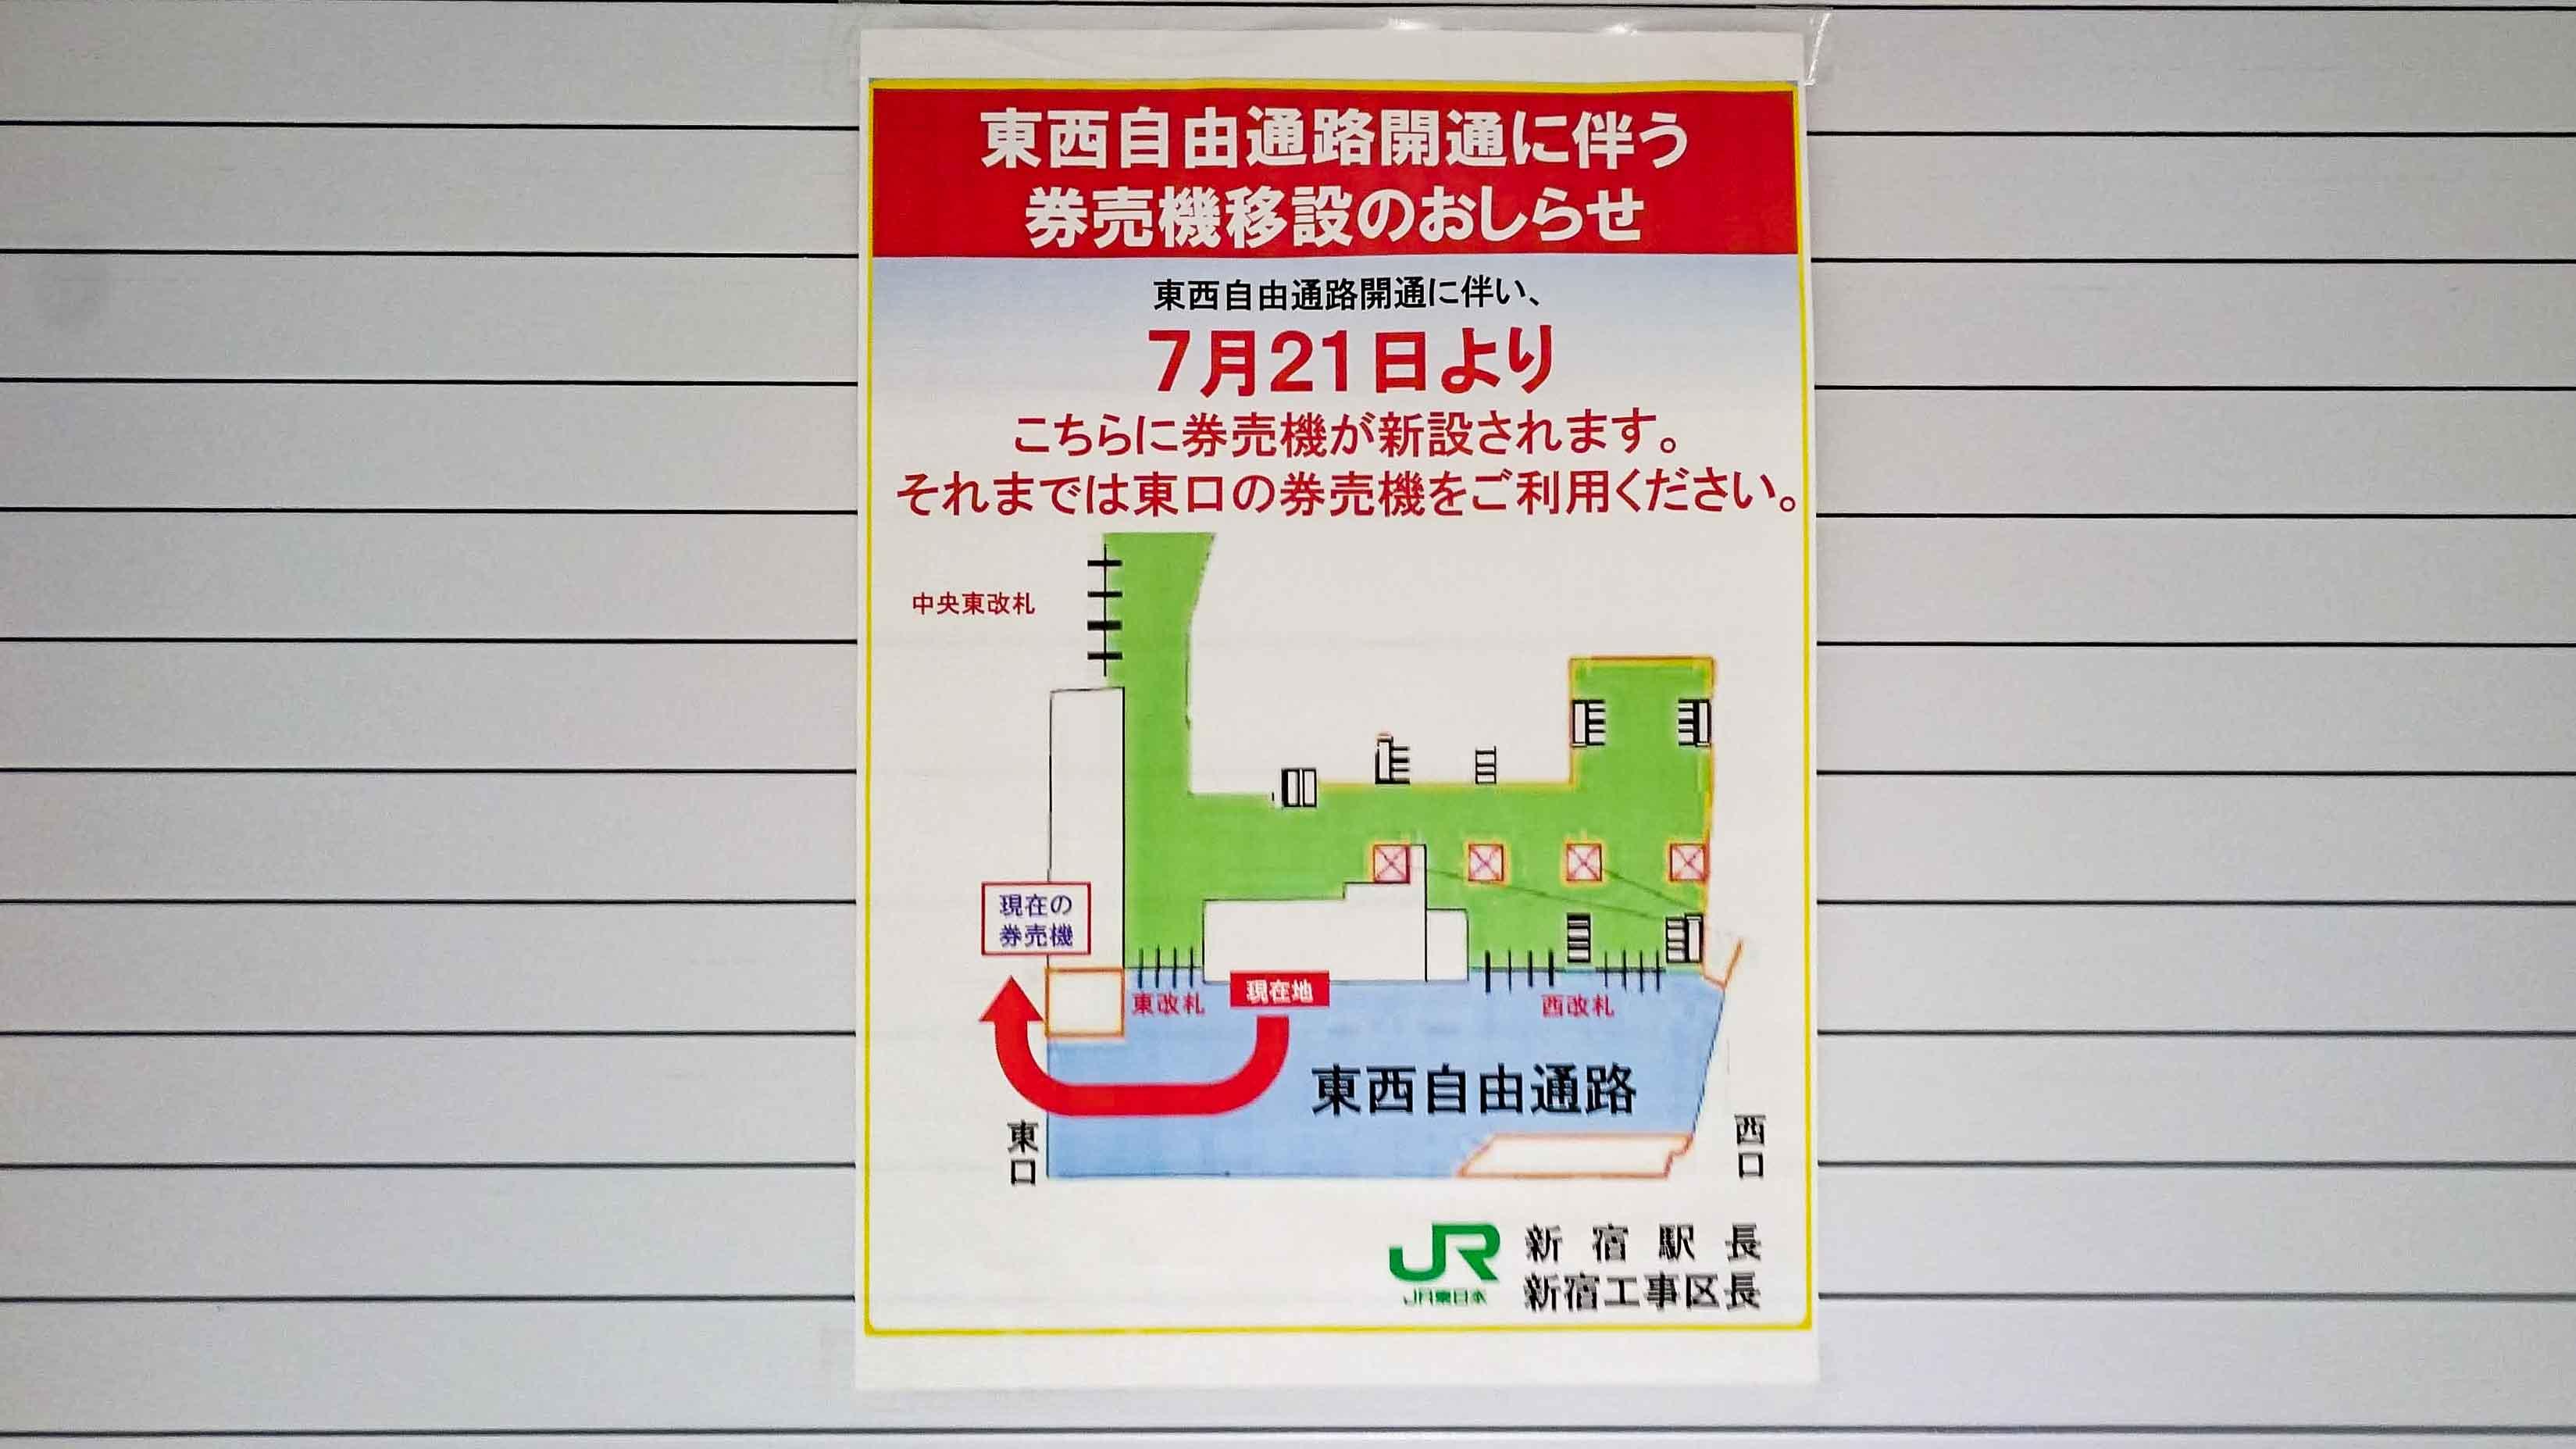 【新地下道で往来最速!詳細写真!】JR新宿駅 東西自由道路祝開通で新宿を縦横無尽に!【ビフォワーアフター写真で見る!JR西口と東口改札の概念が無くなった!】